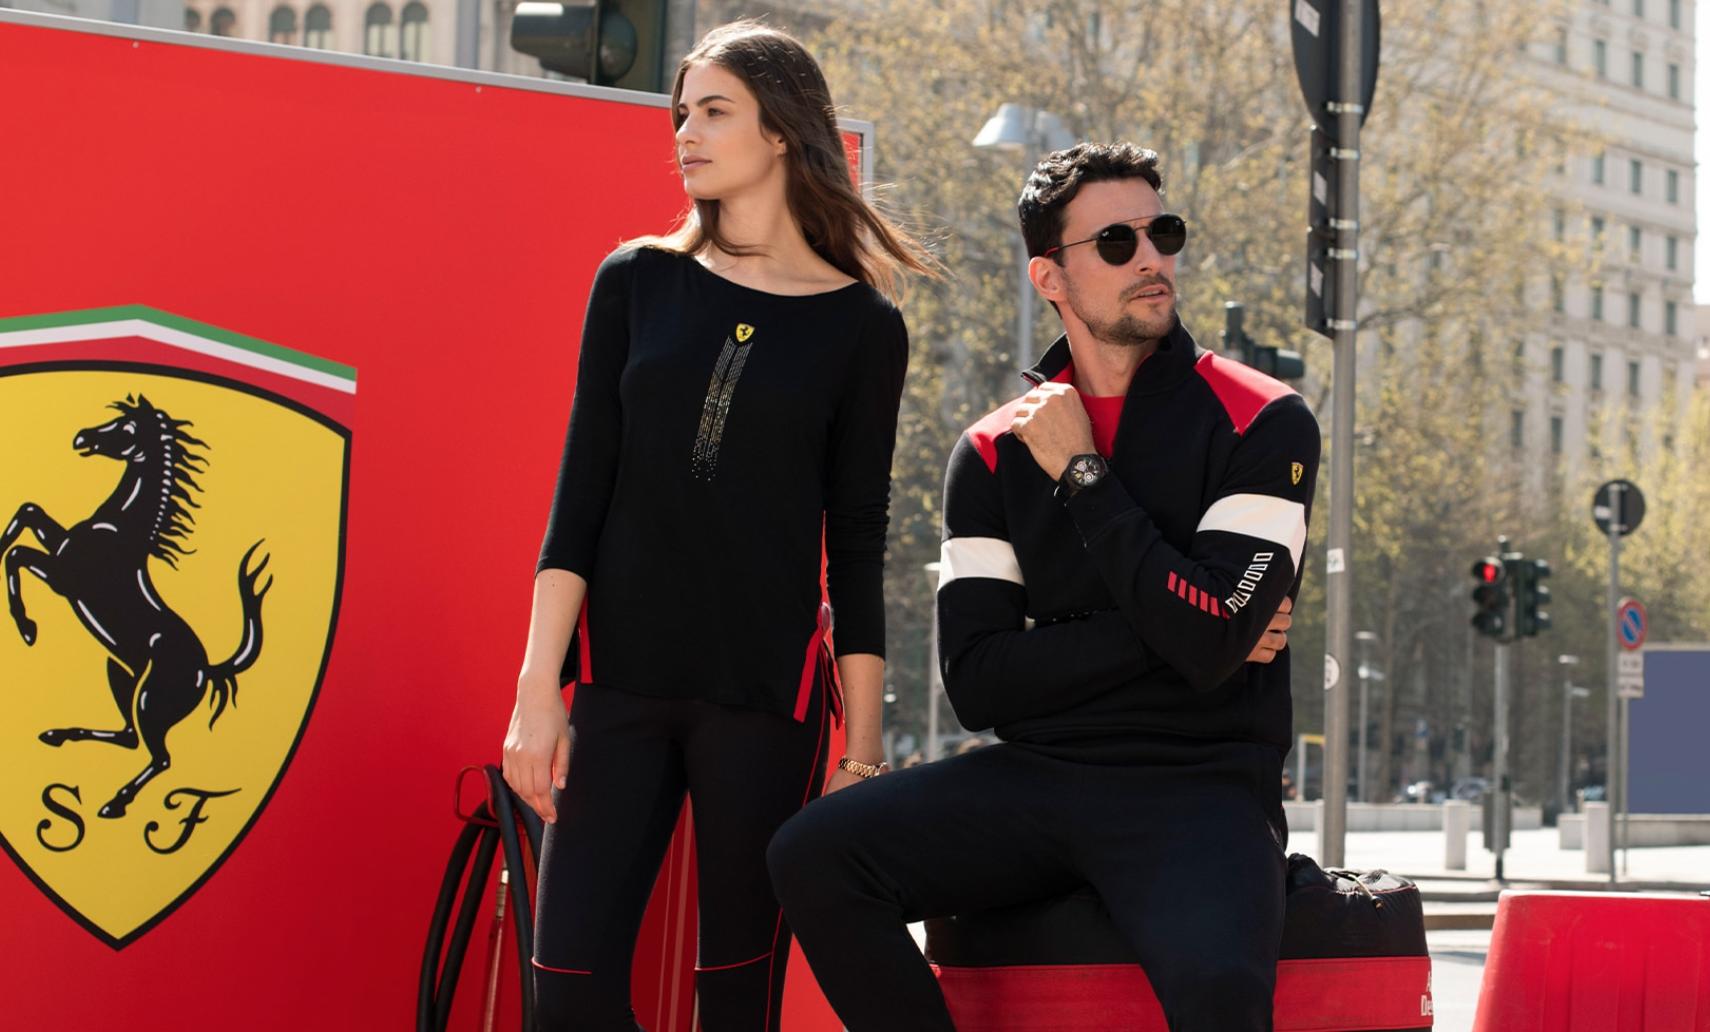 法拉利携手阿玛尼升级服饰系列,任命新创意总监,意欲打造全品类奢侈品牌